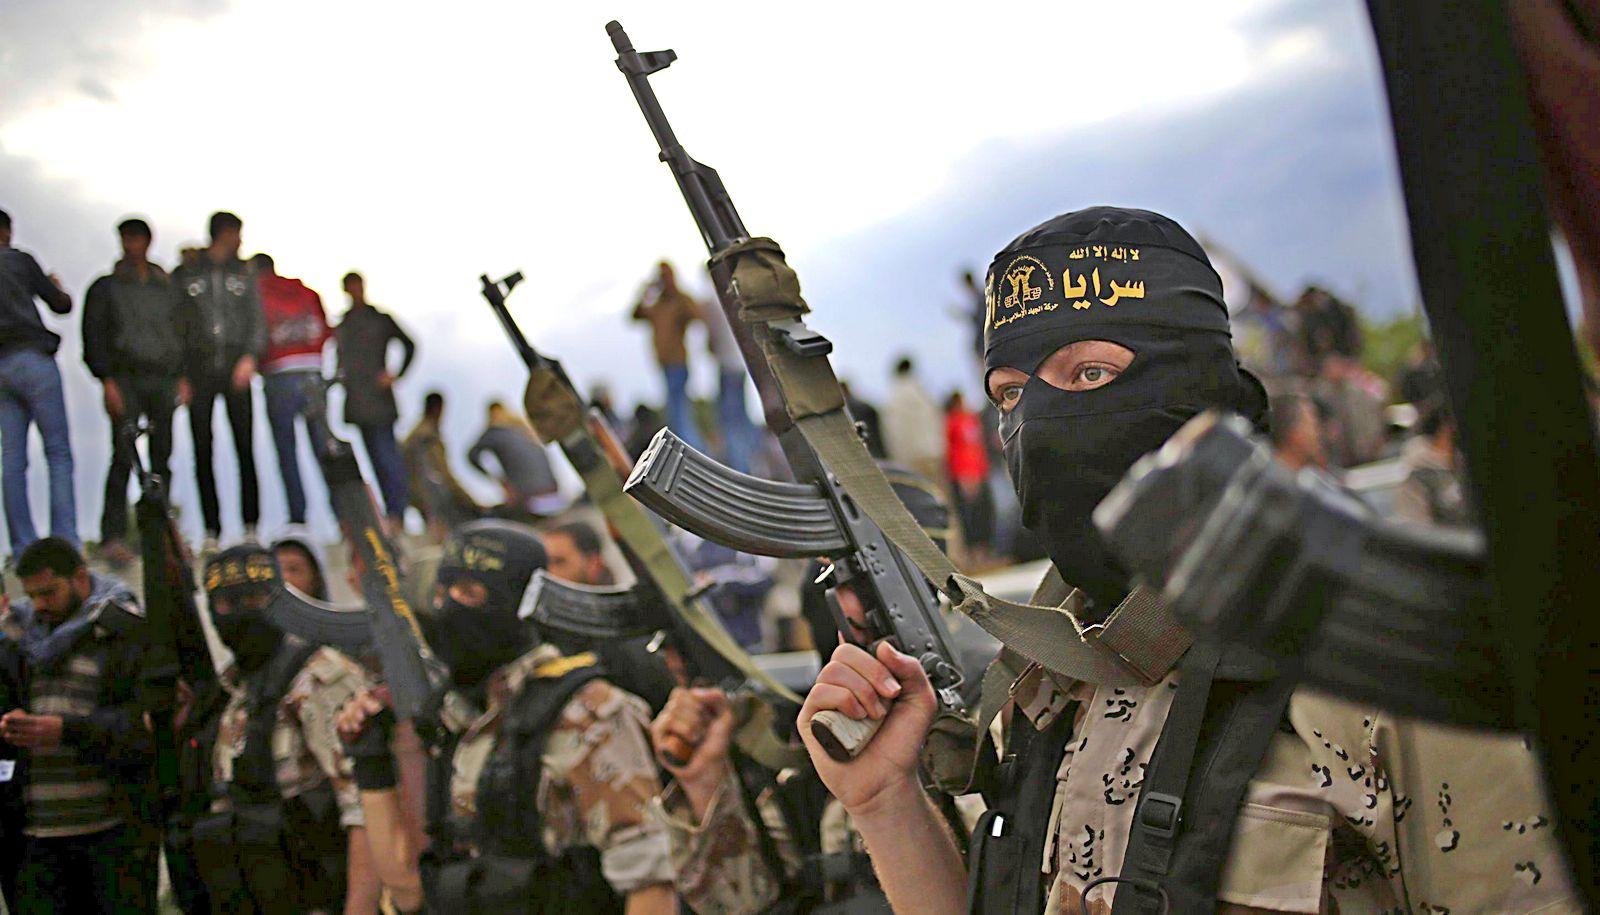 исламское государство, россия, сша, терроризм ,санкции против рф, запад